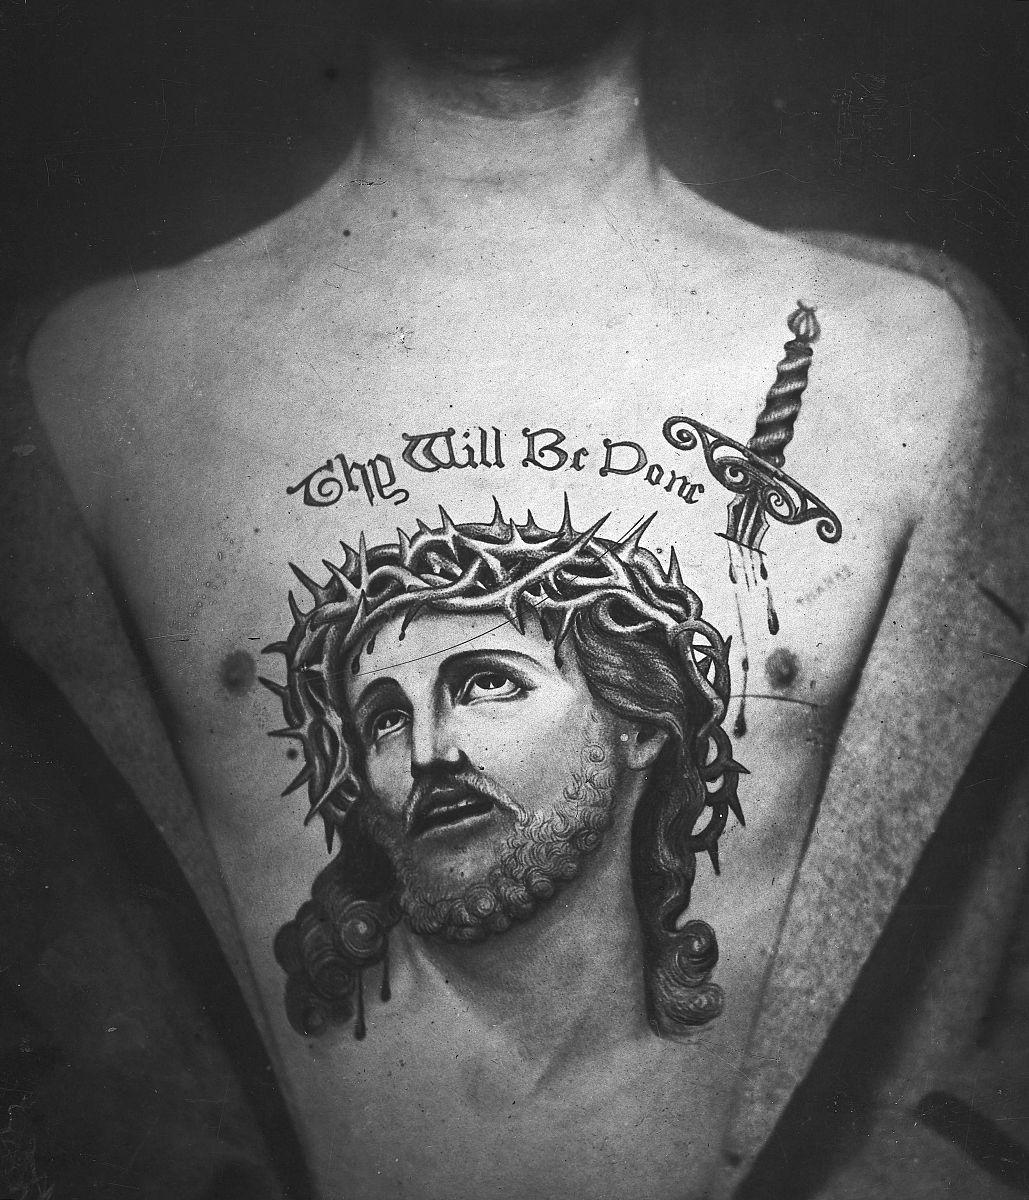 英文纹身:这个人.1899.boy-31图片